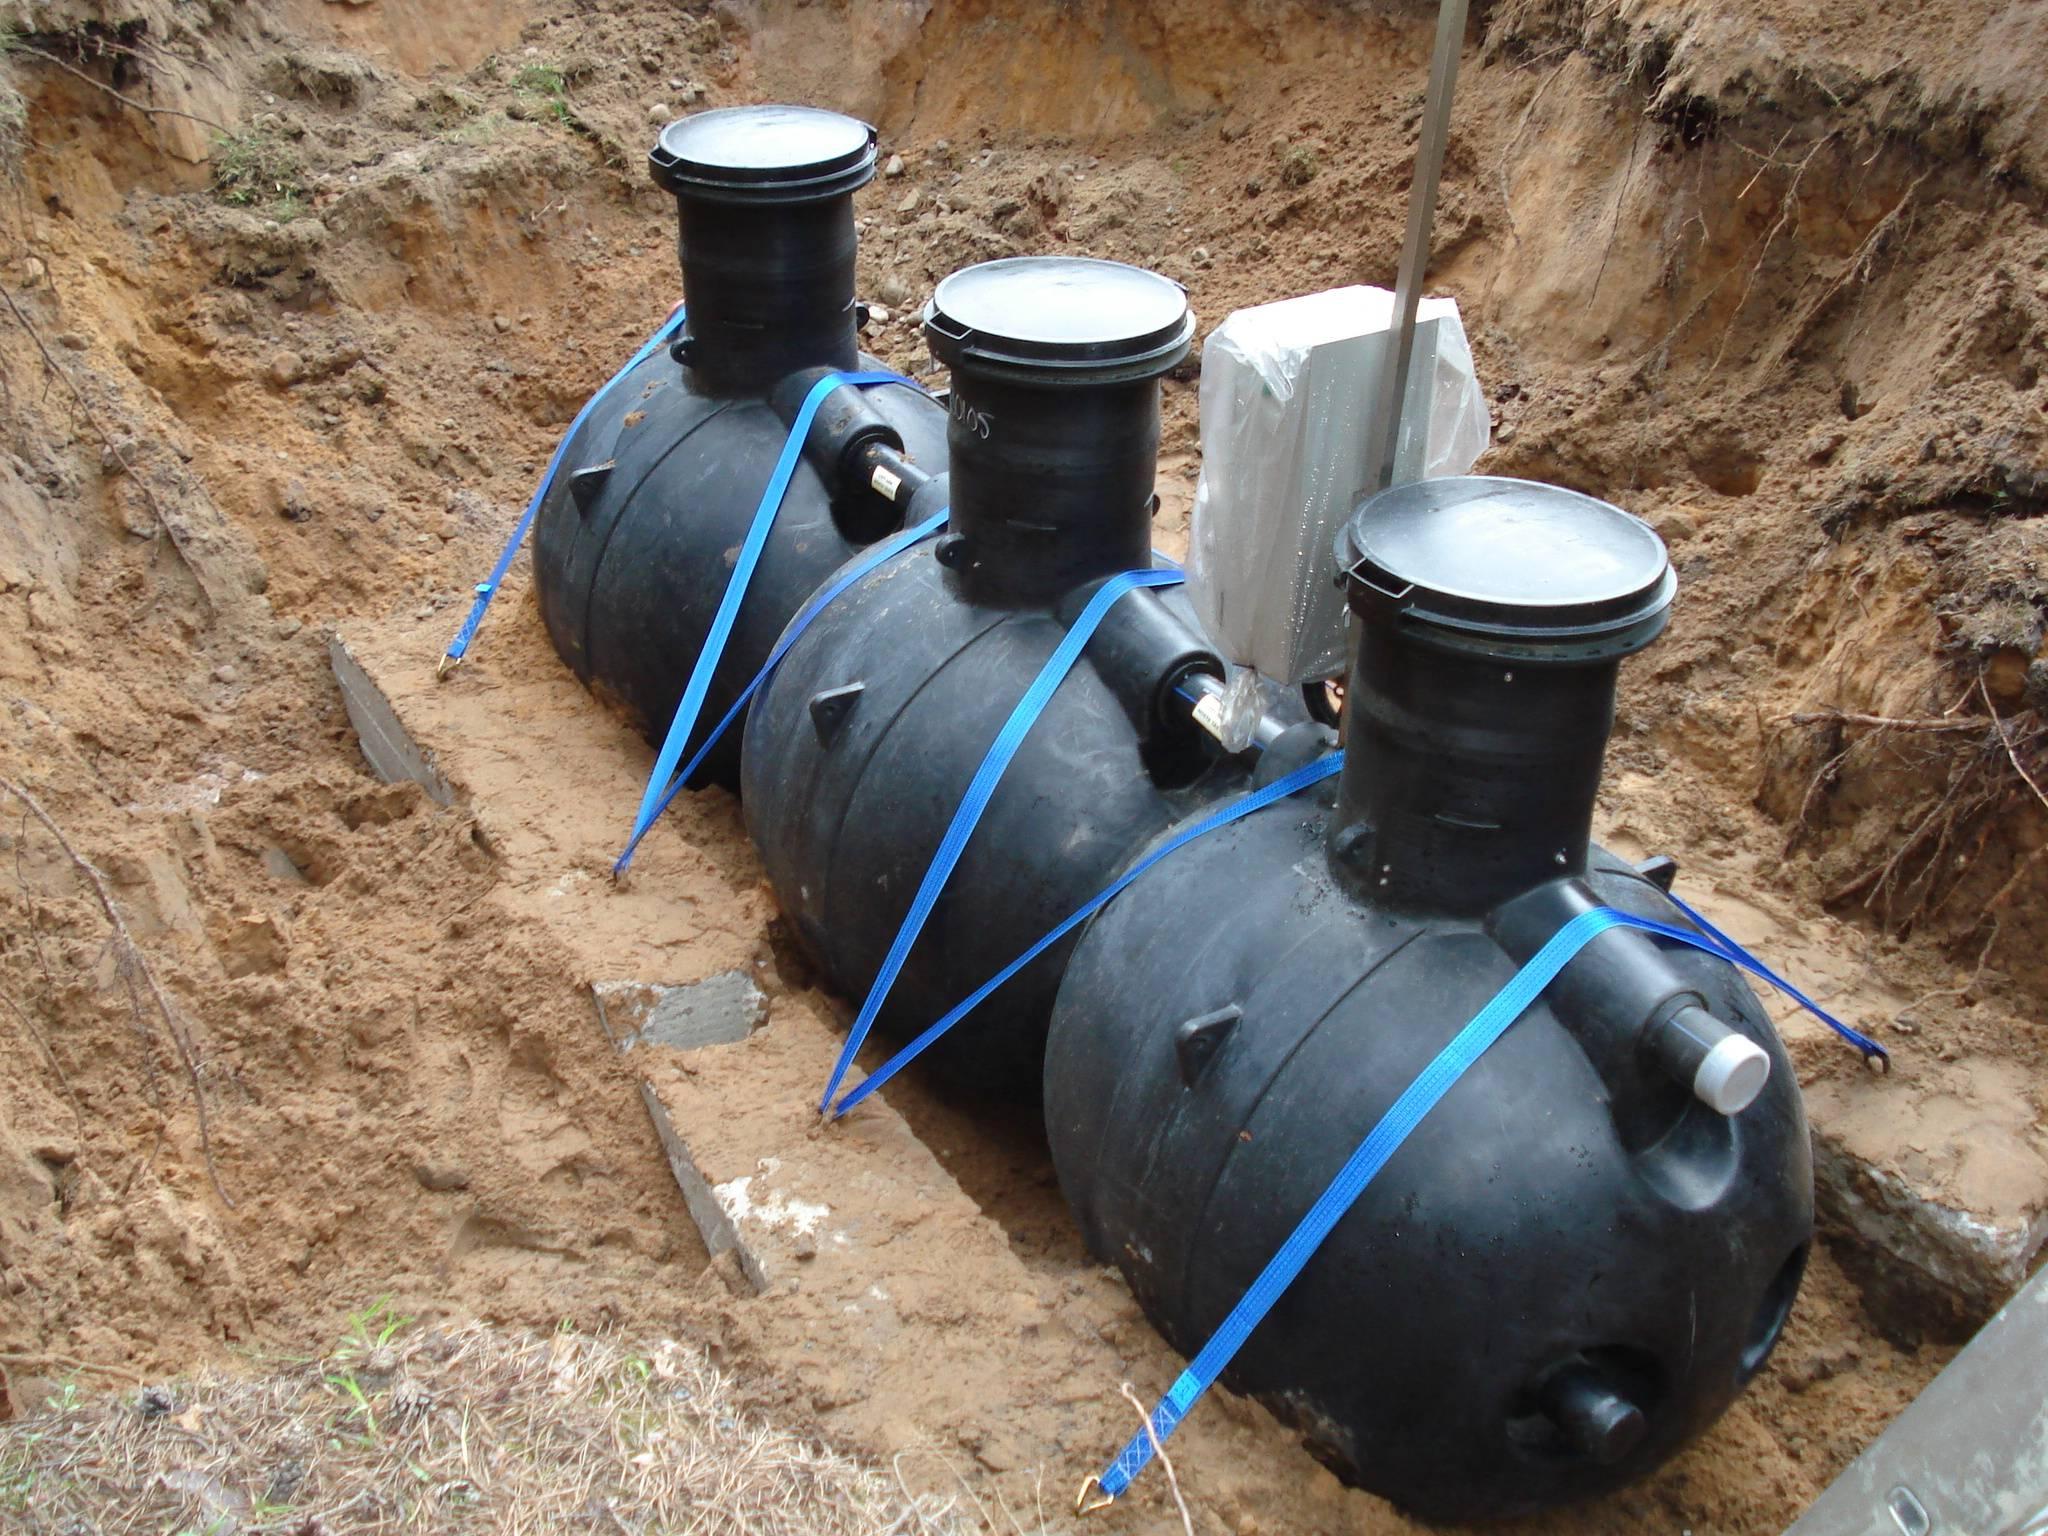 Емкости для канализации: какие бывают пластиковые емкости для канализации, их преимущества и недостатки